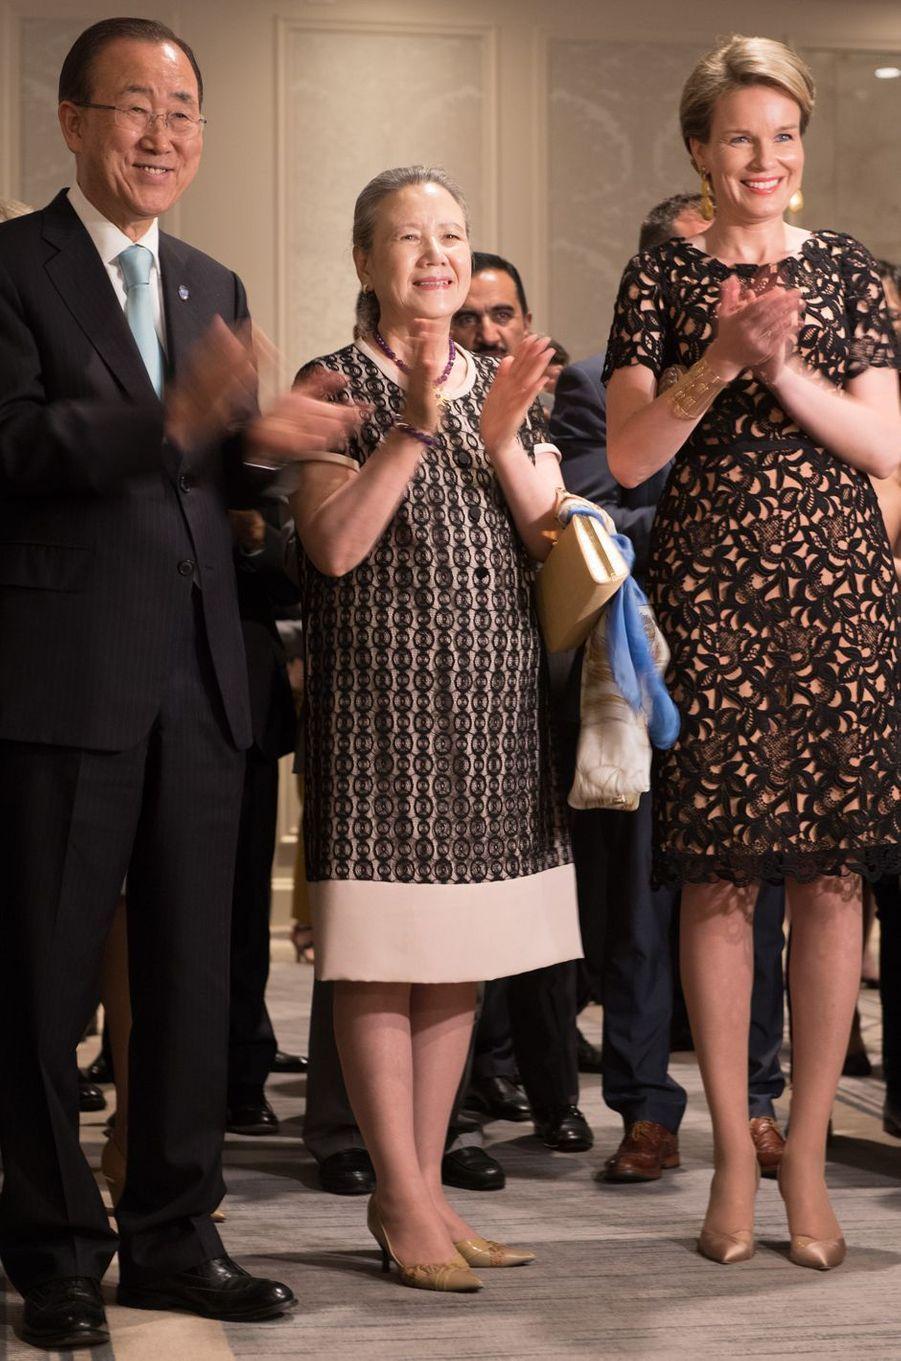 La reine Mathilde de Belgique avec Ban Ki-moon et sa femme à l'ONU à New York, le 11 juillet 2016